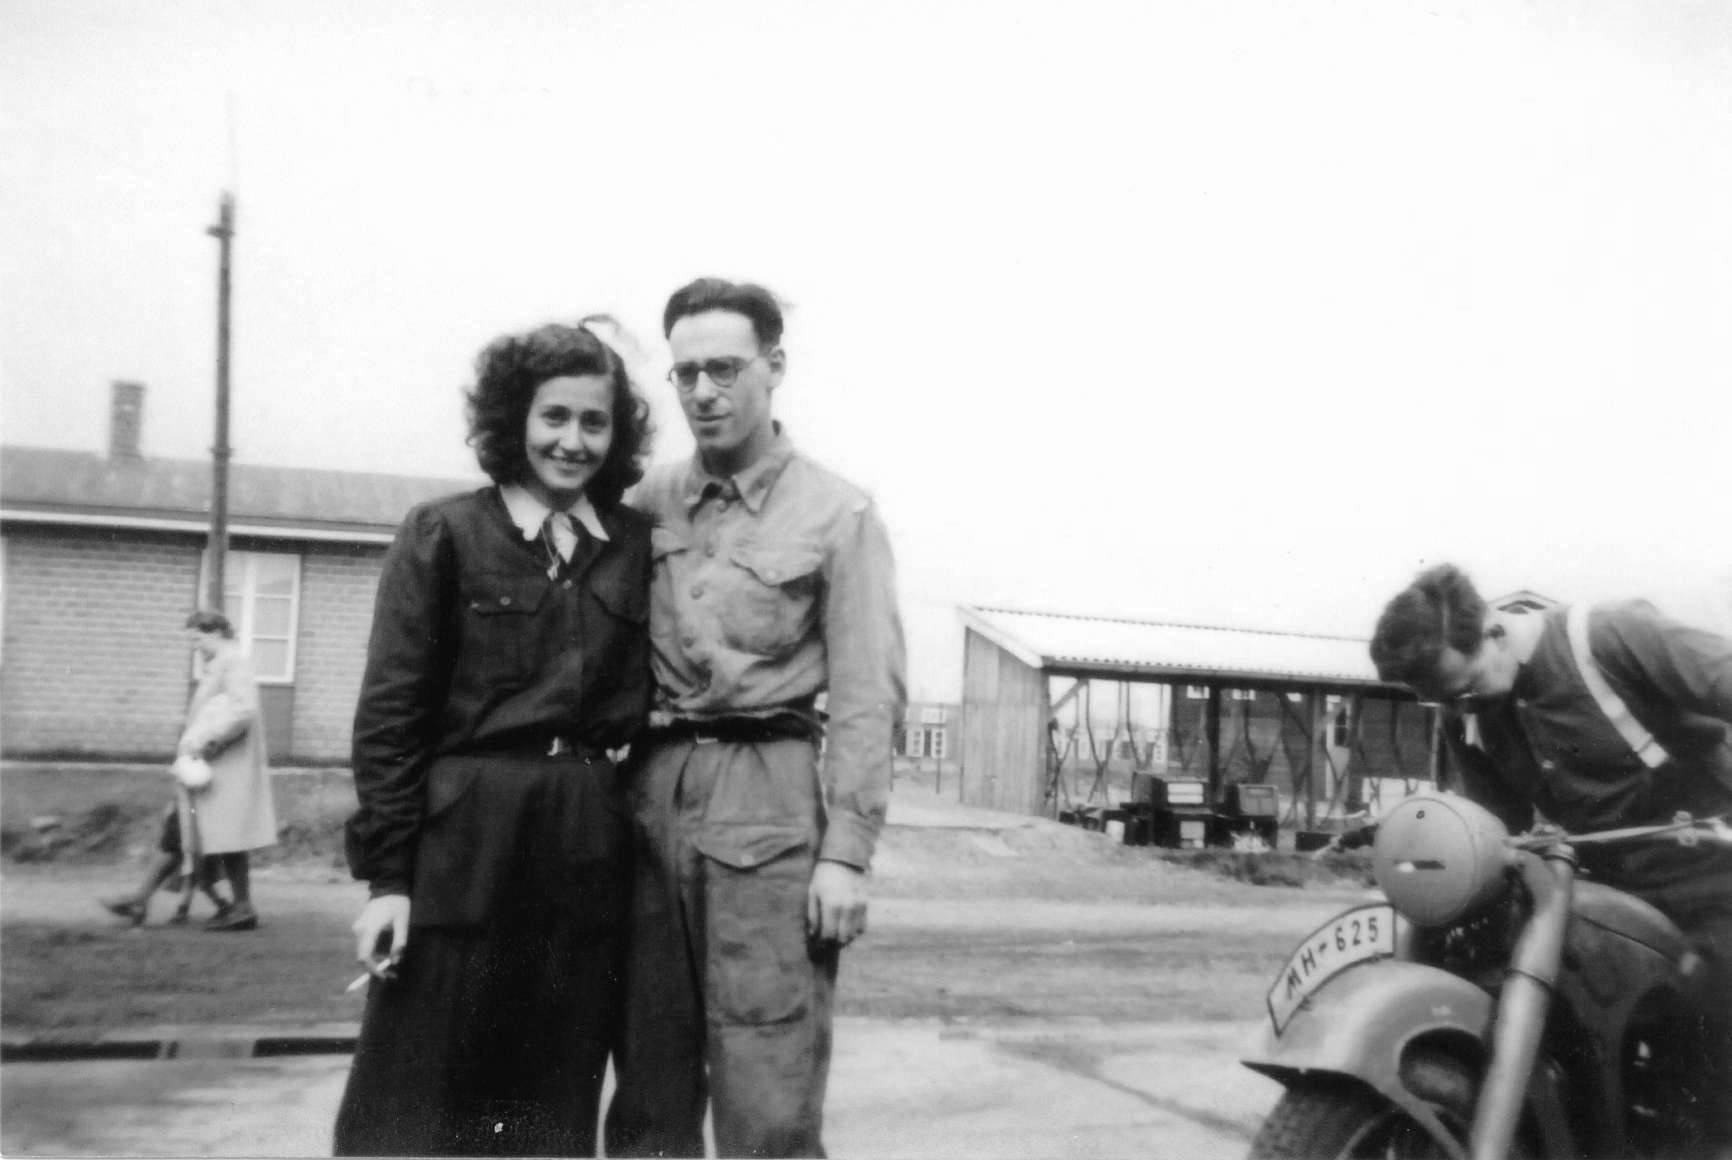 Hans & Hannelore in kamp Westerbork, 1945.